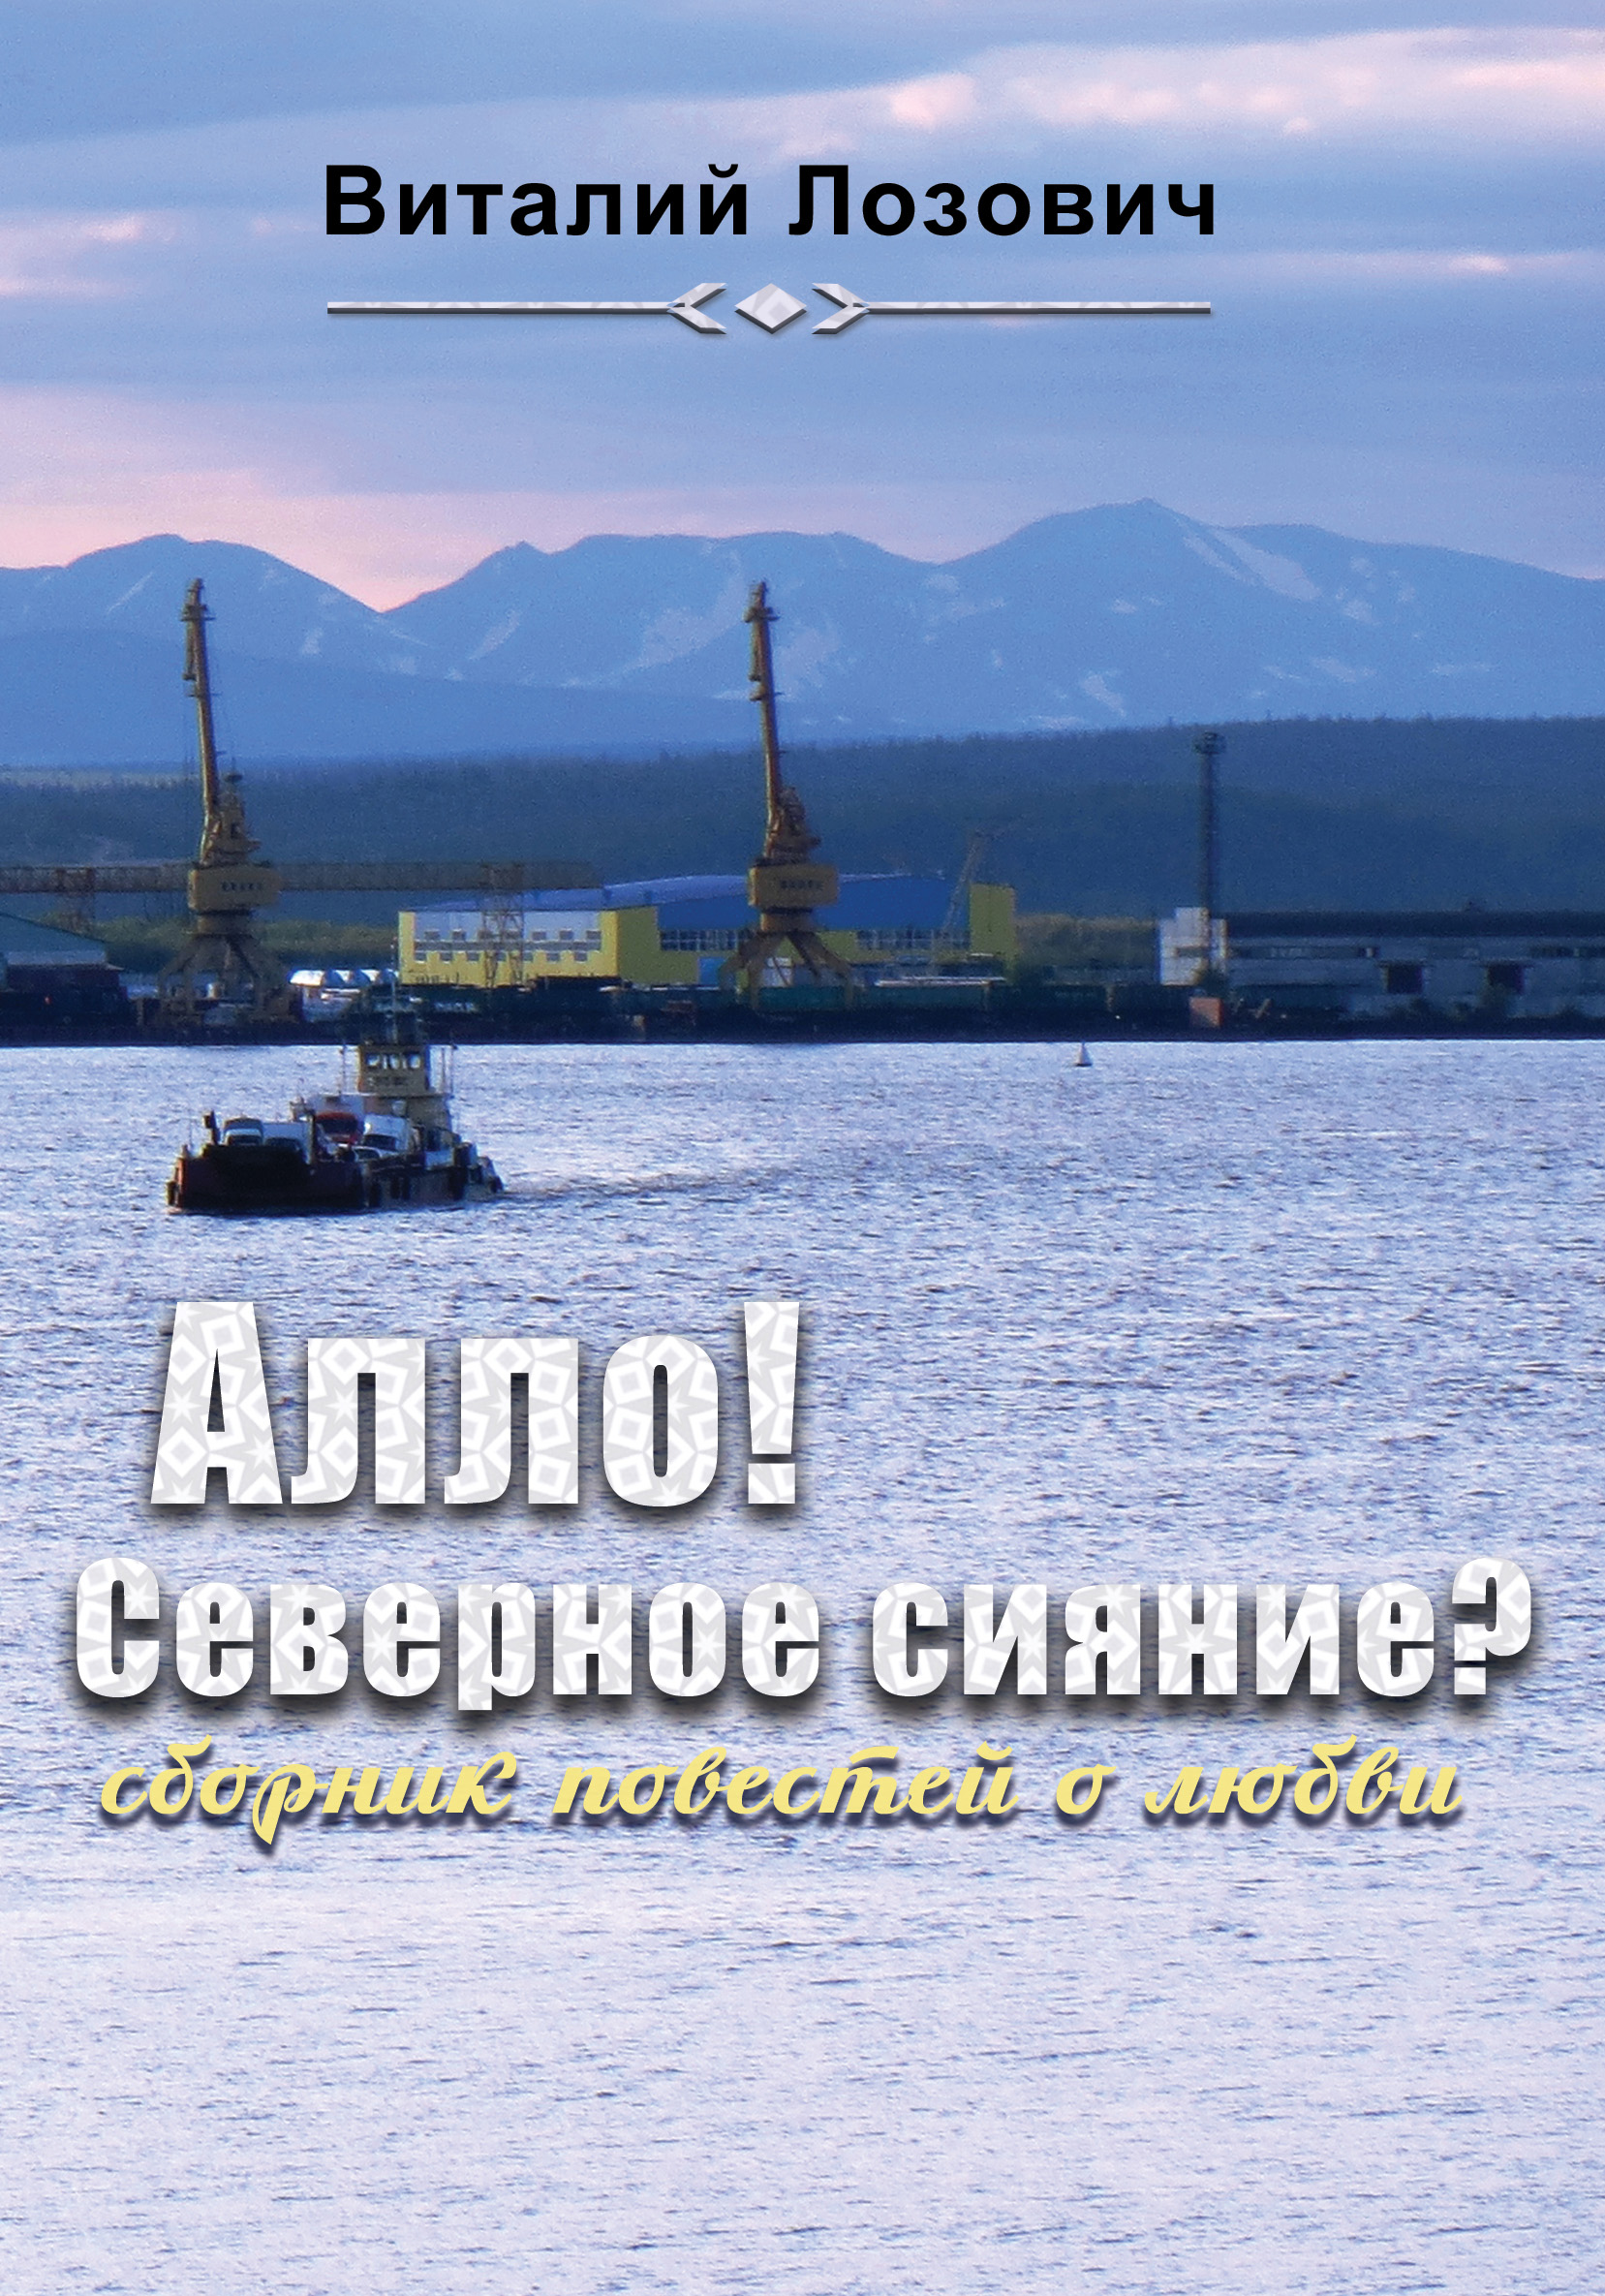 Виталий Лозович Алло! Северное сияние? (сборник) цена и фото